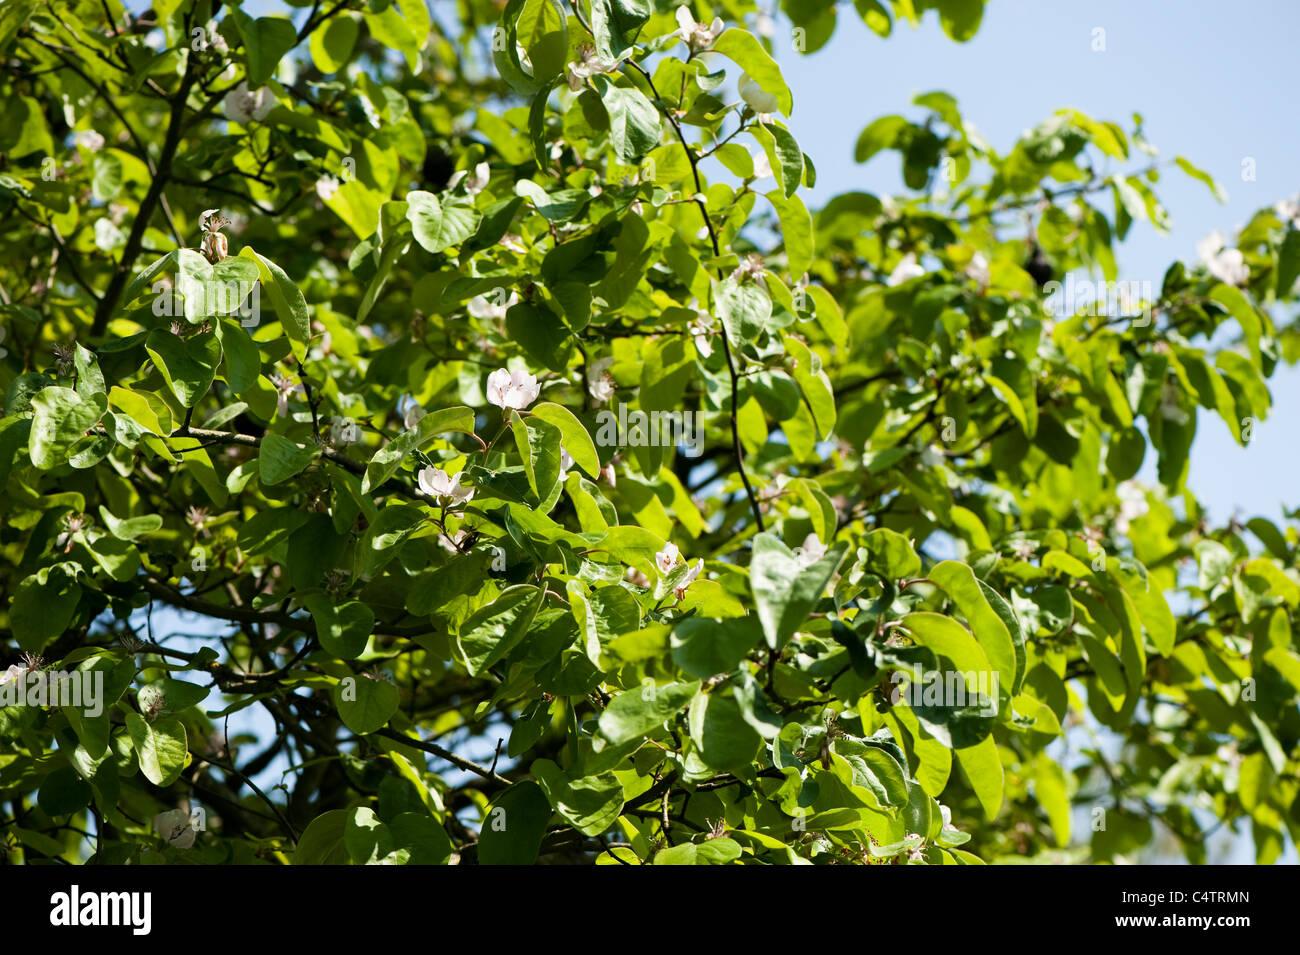 Cydonia Oblonga 'Vranja', Quitte Baum in Blüte Stockbild